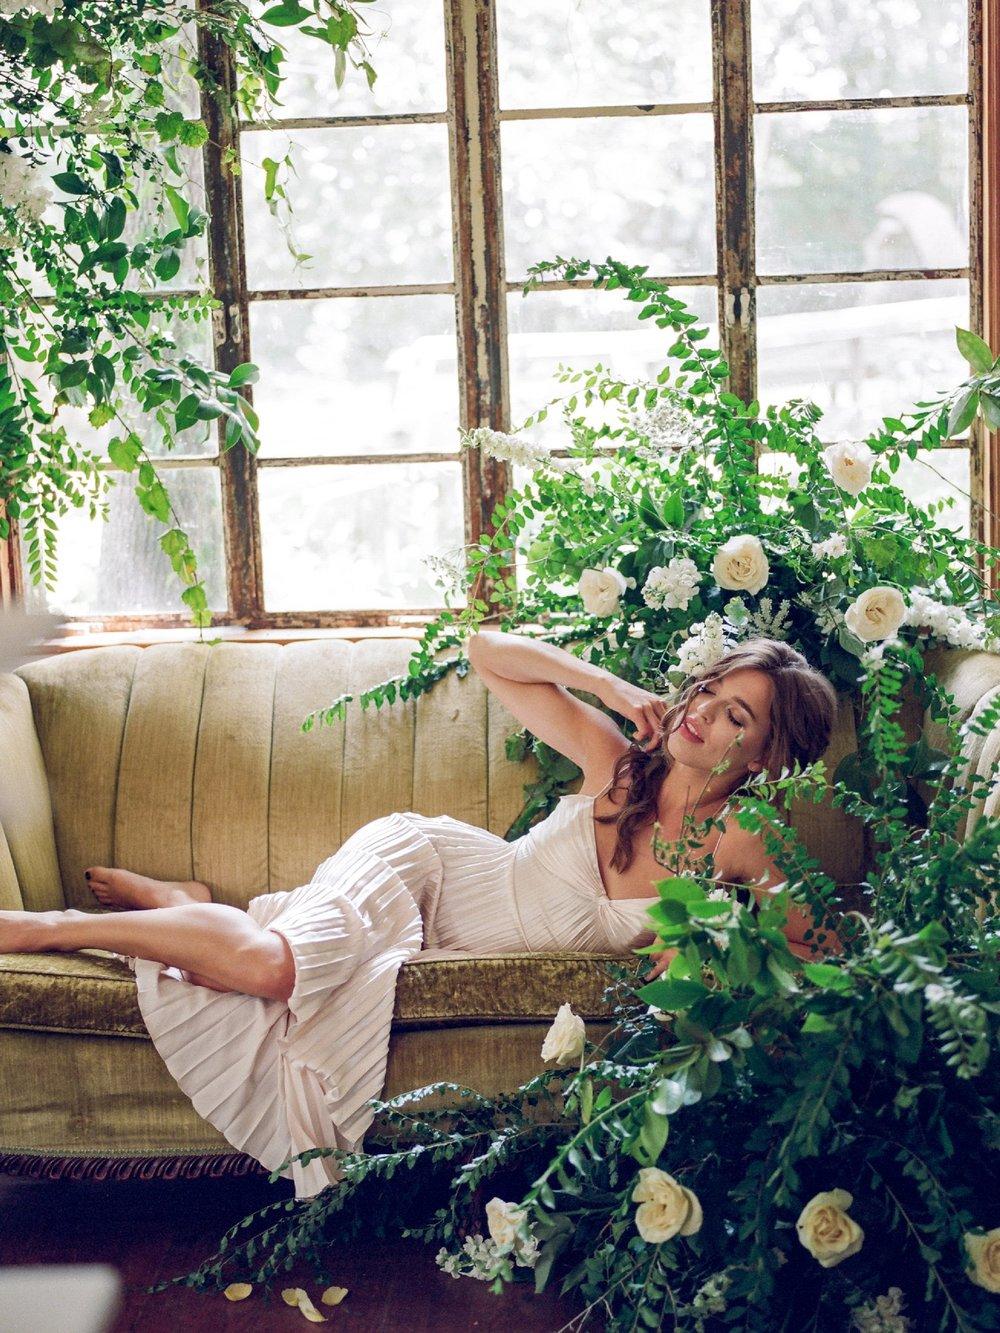 west palm beach boudoir photographer shannon griffin photography_0015.jpg